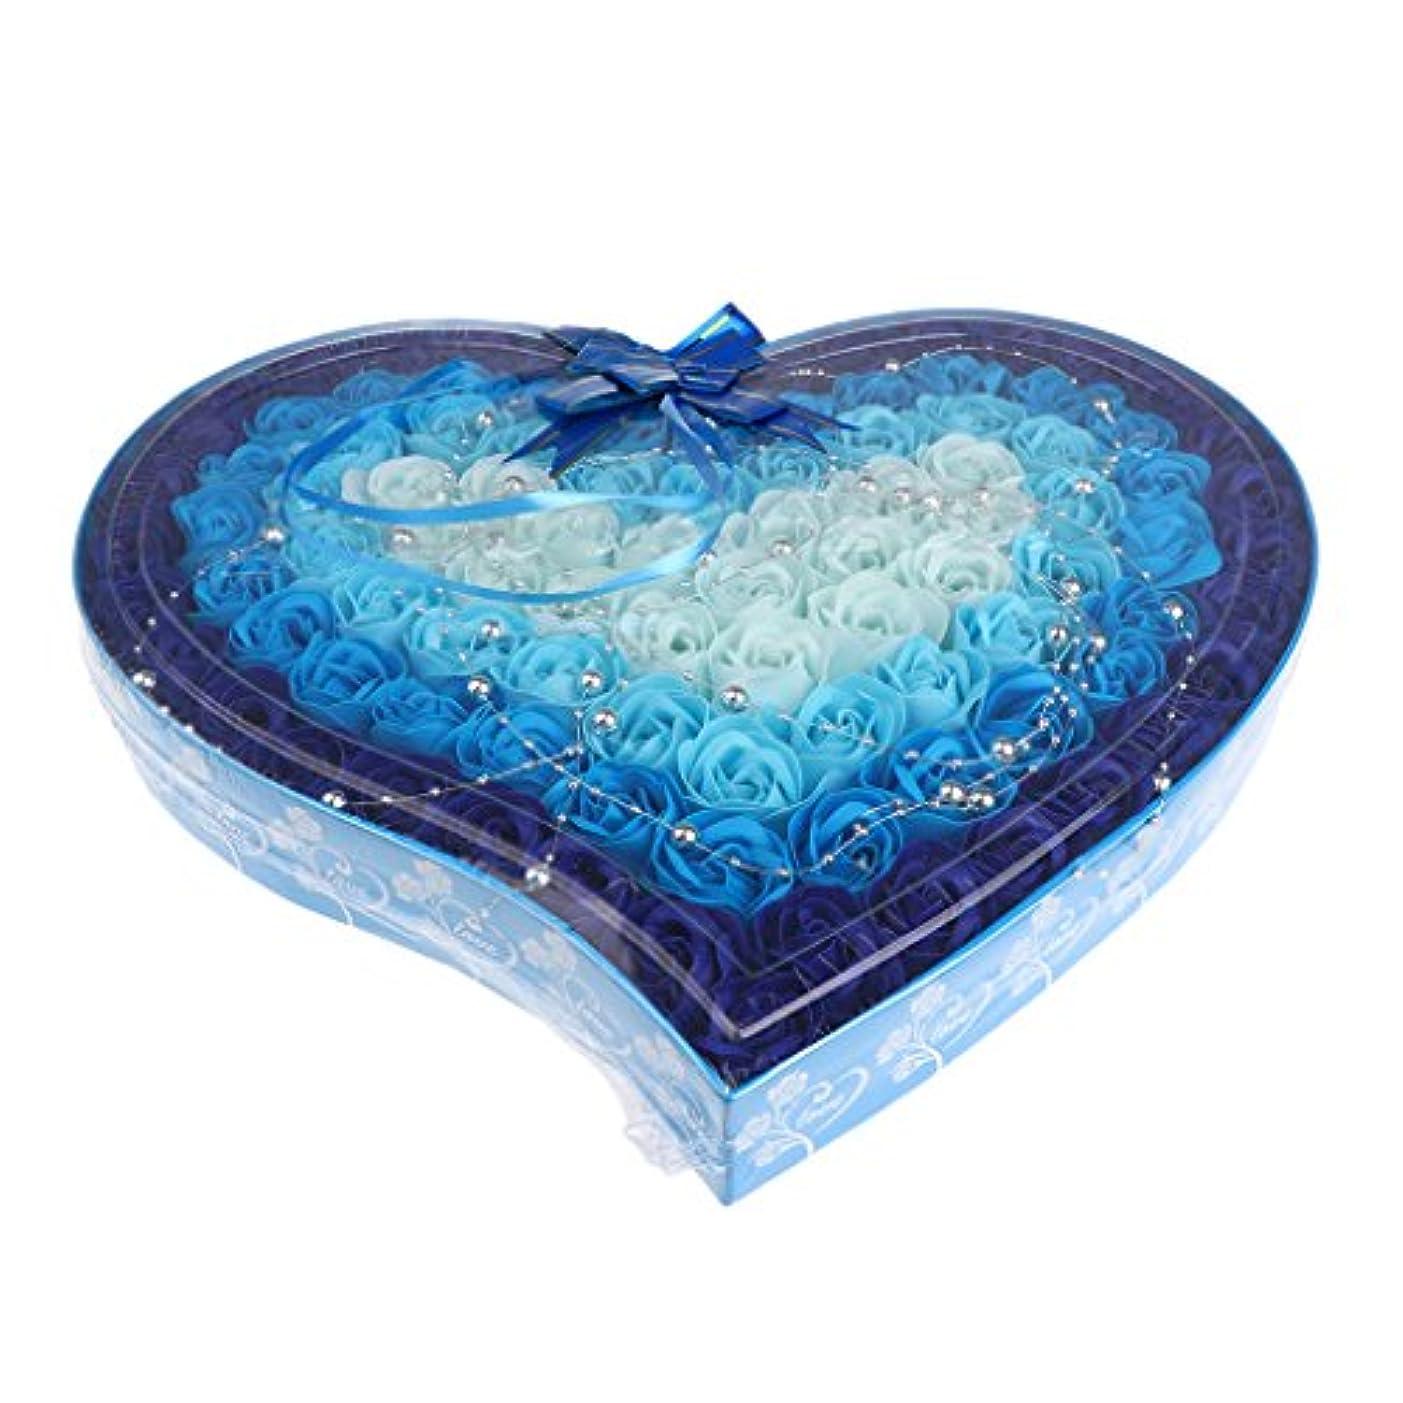 疫病可能にする記念碑的な石鹸の花 造花 ソープフラワー 心の形 ギフトボックス 母の日 バレンタイン プレゼント 全4色選べる - 青